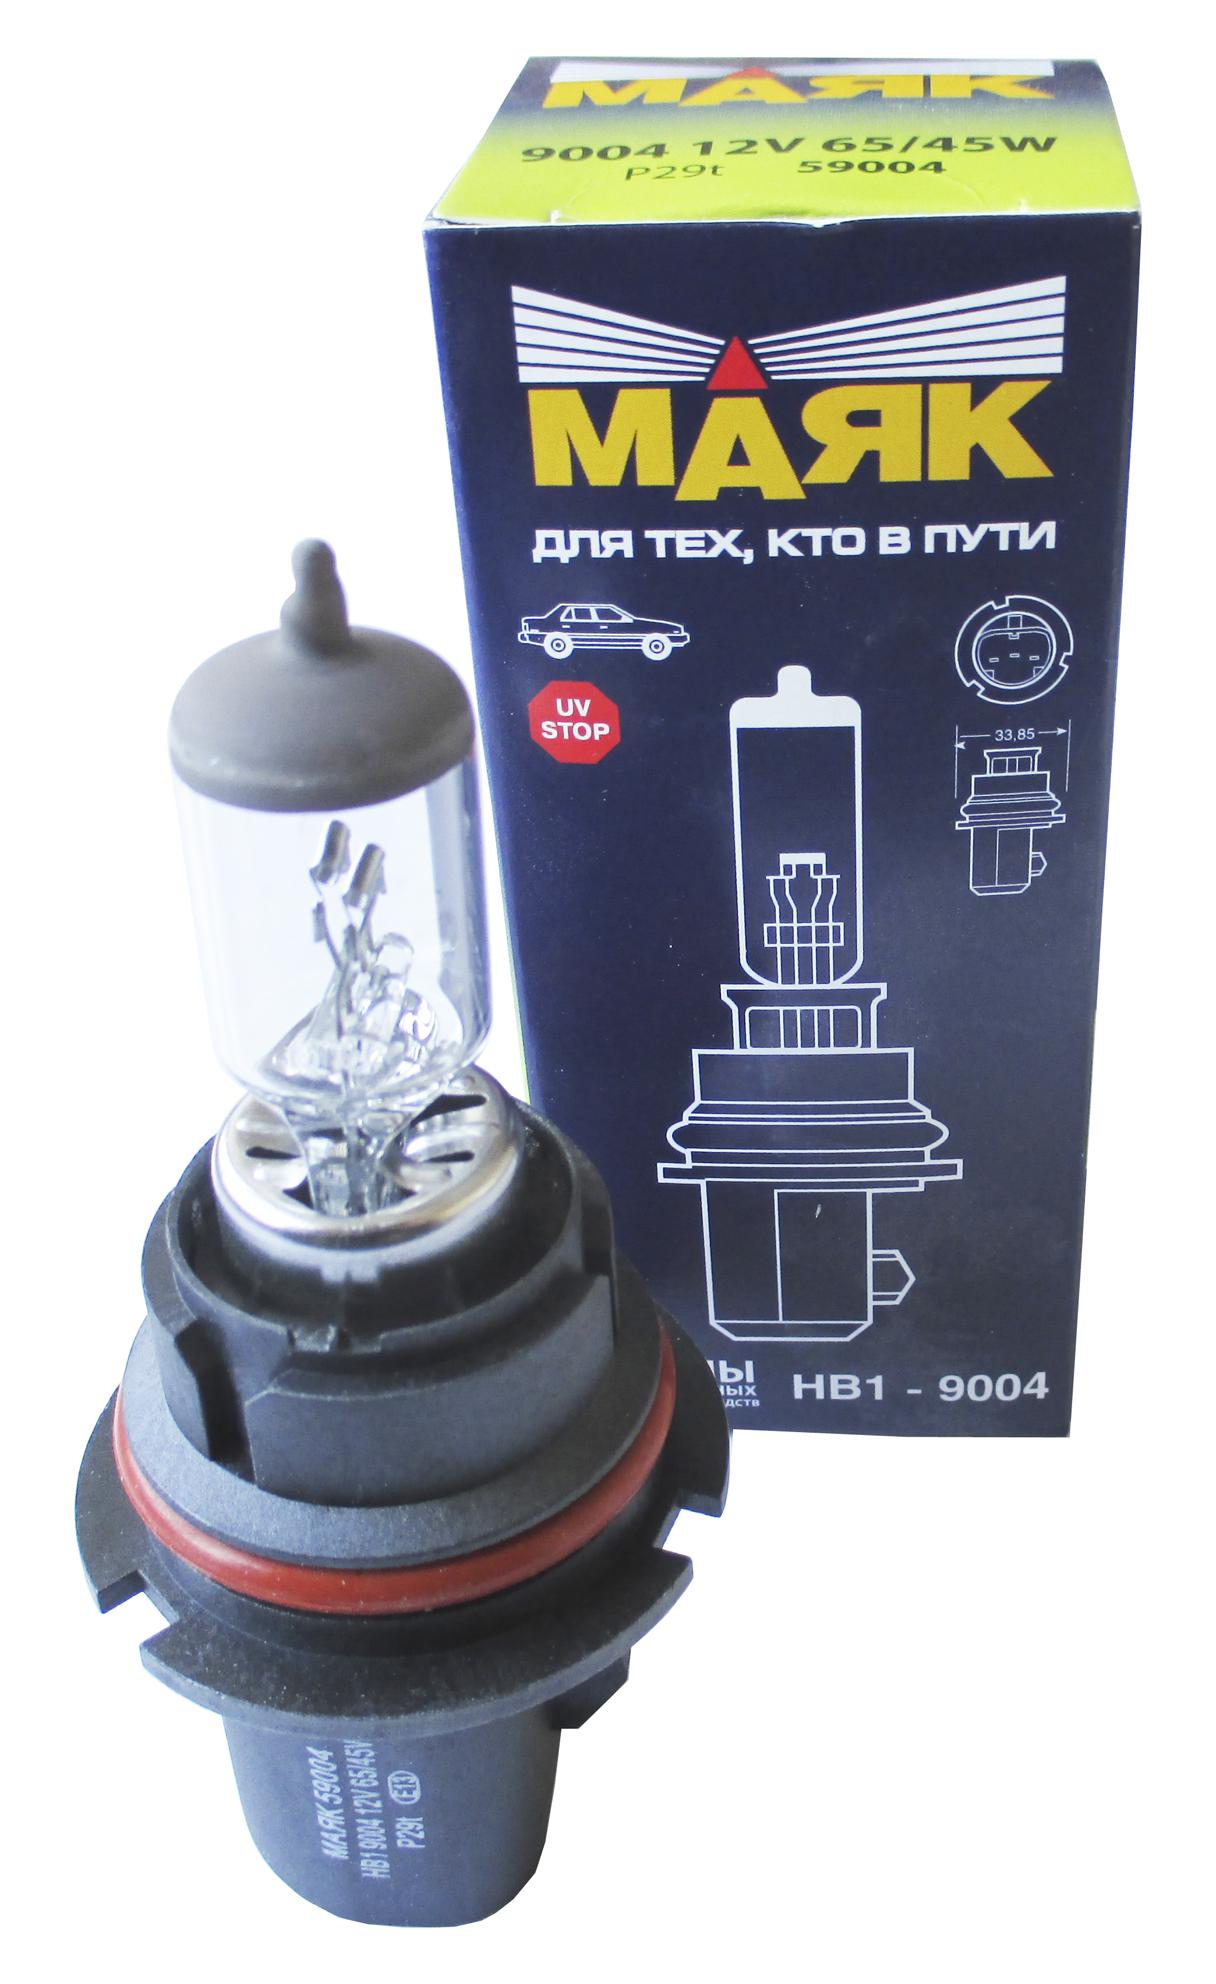 Лампа HB1  P29 t 12V 65/45W МАЯК (59004)